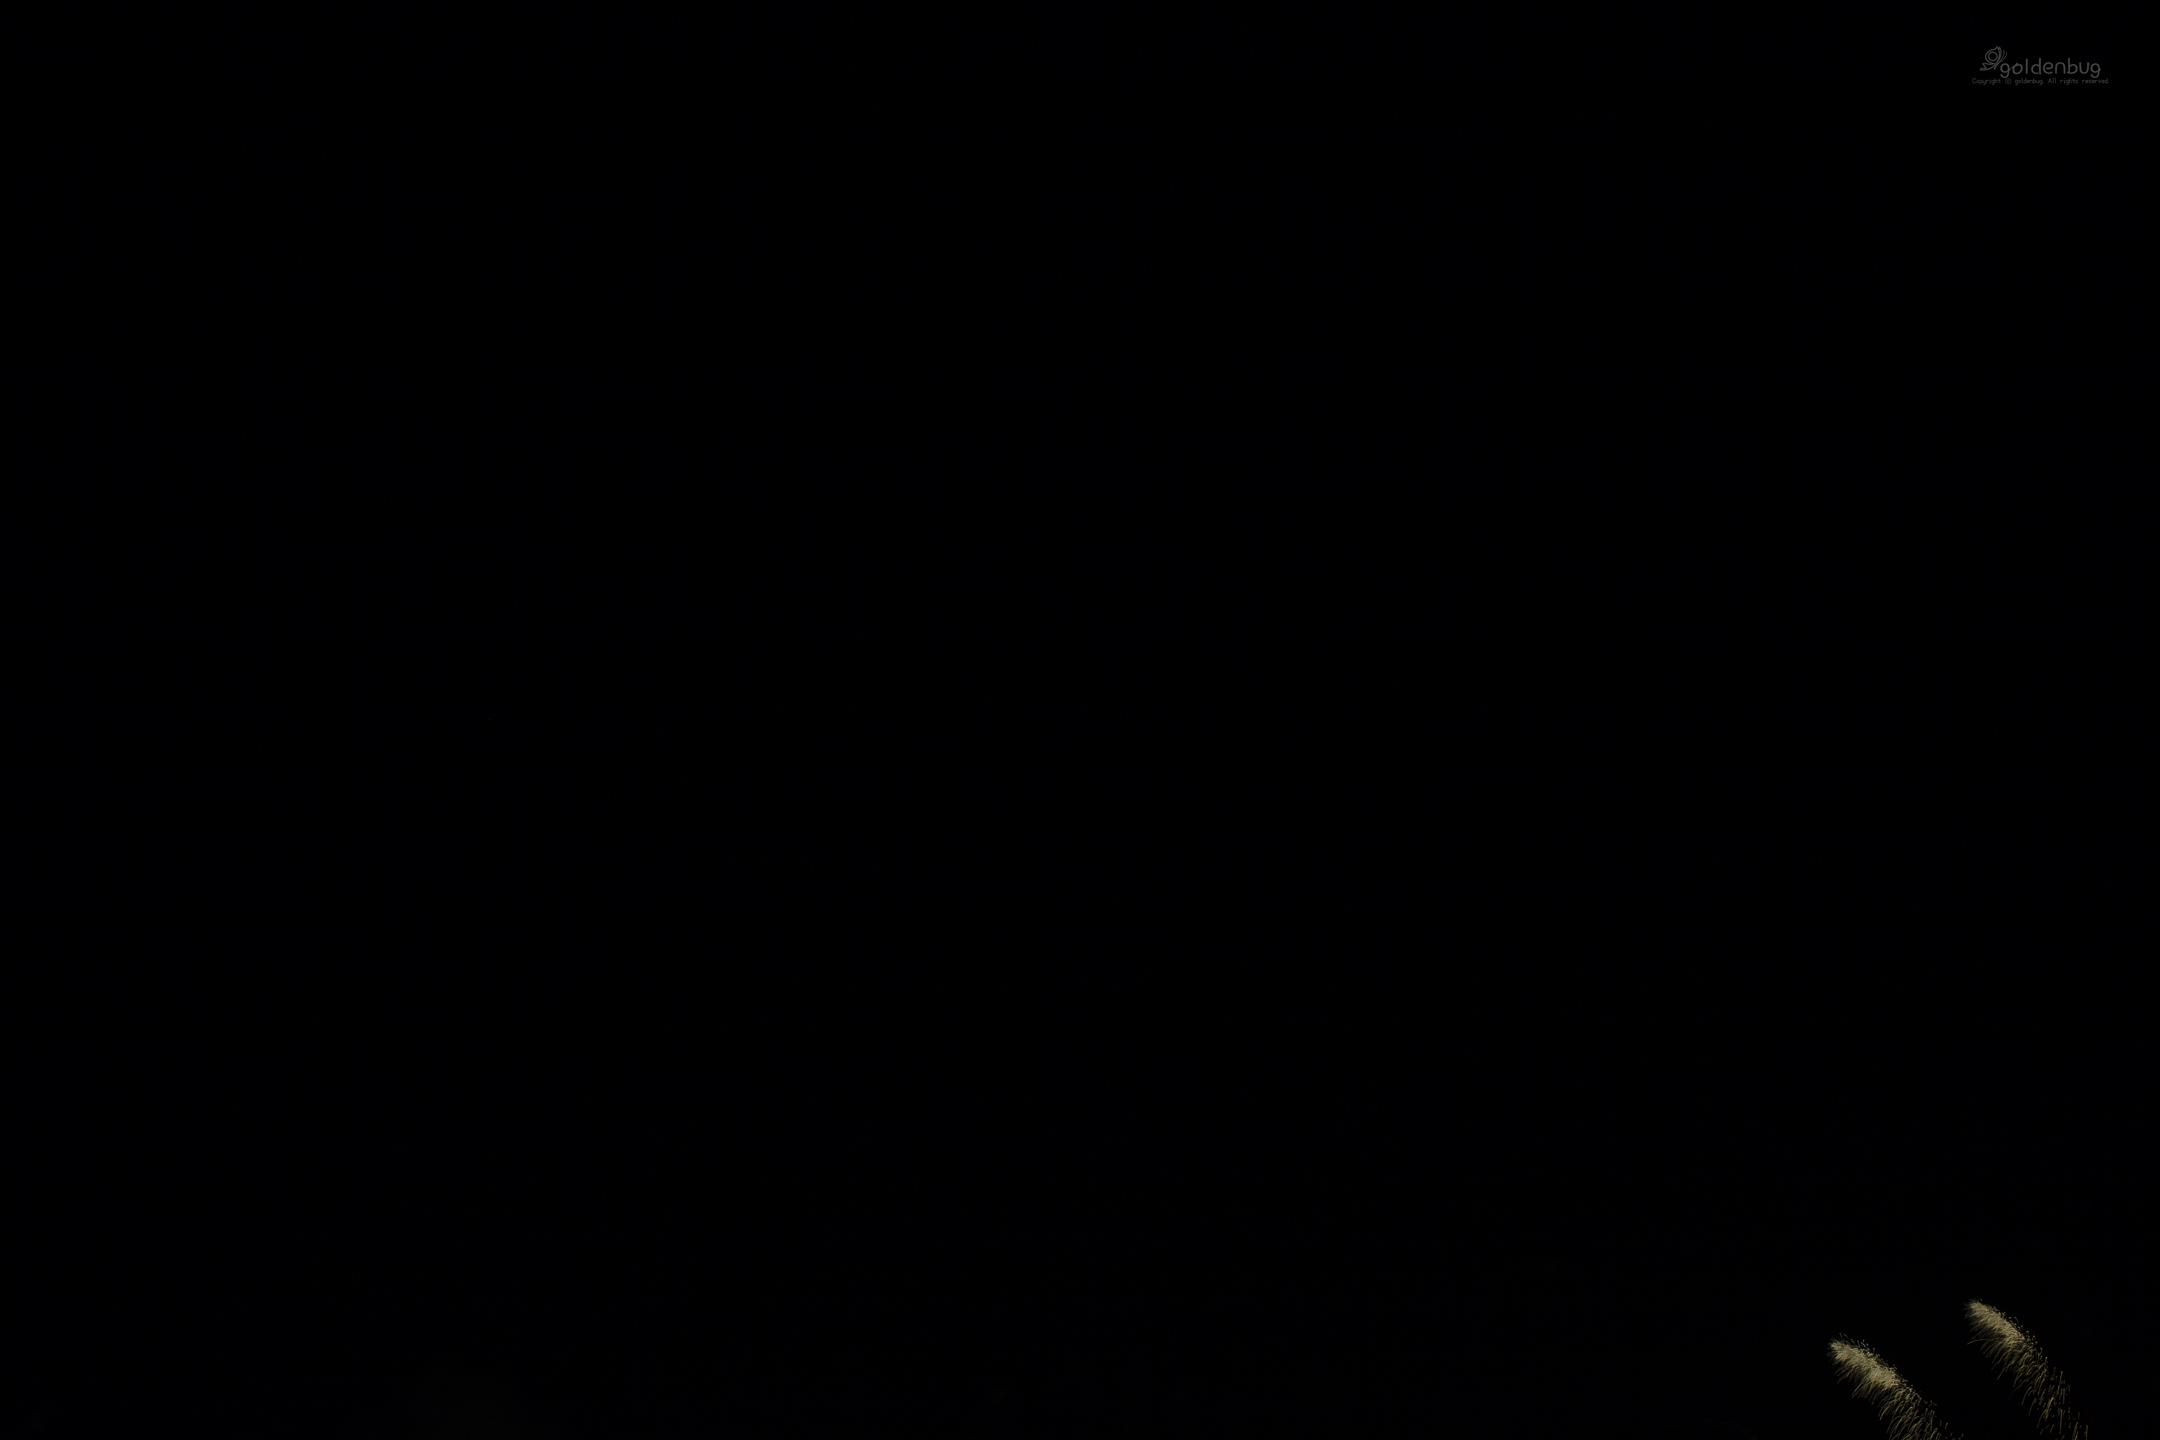 여의도 불꽃축제.2018.10.06.5DsR-1999.한국팀@한강 이수지구.2160pxL.jpg